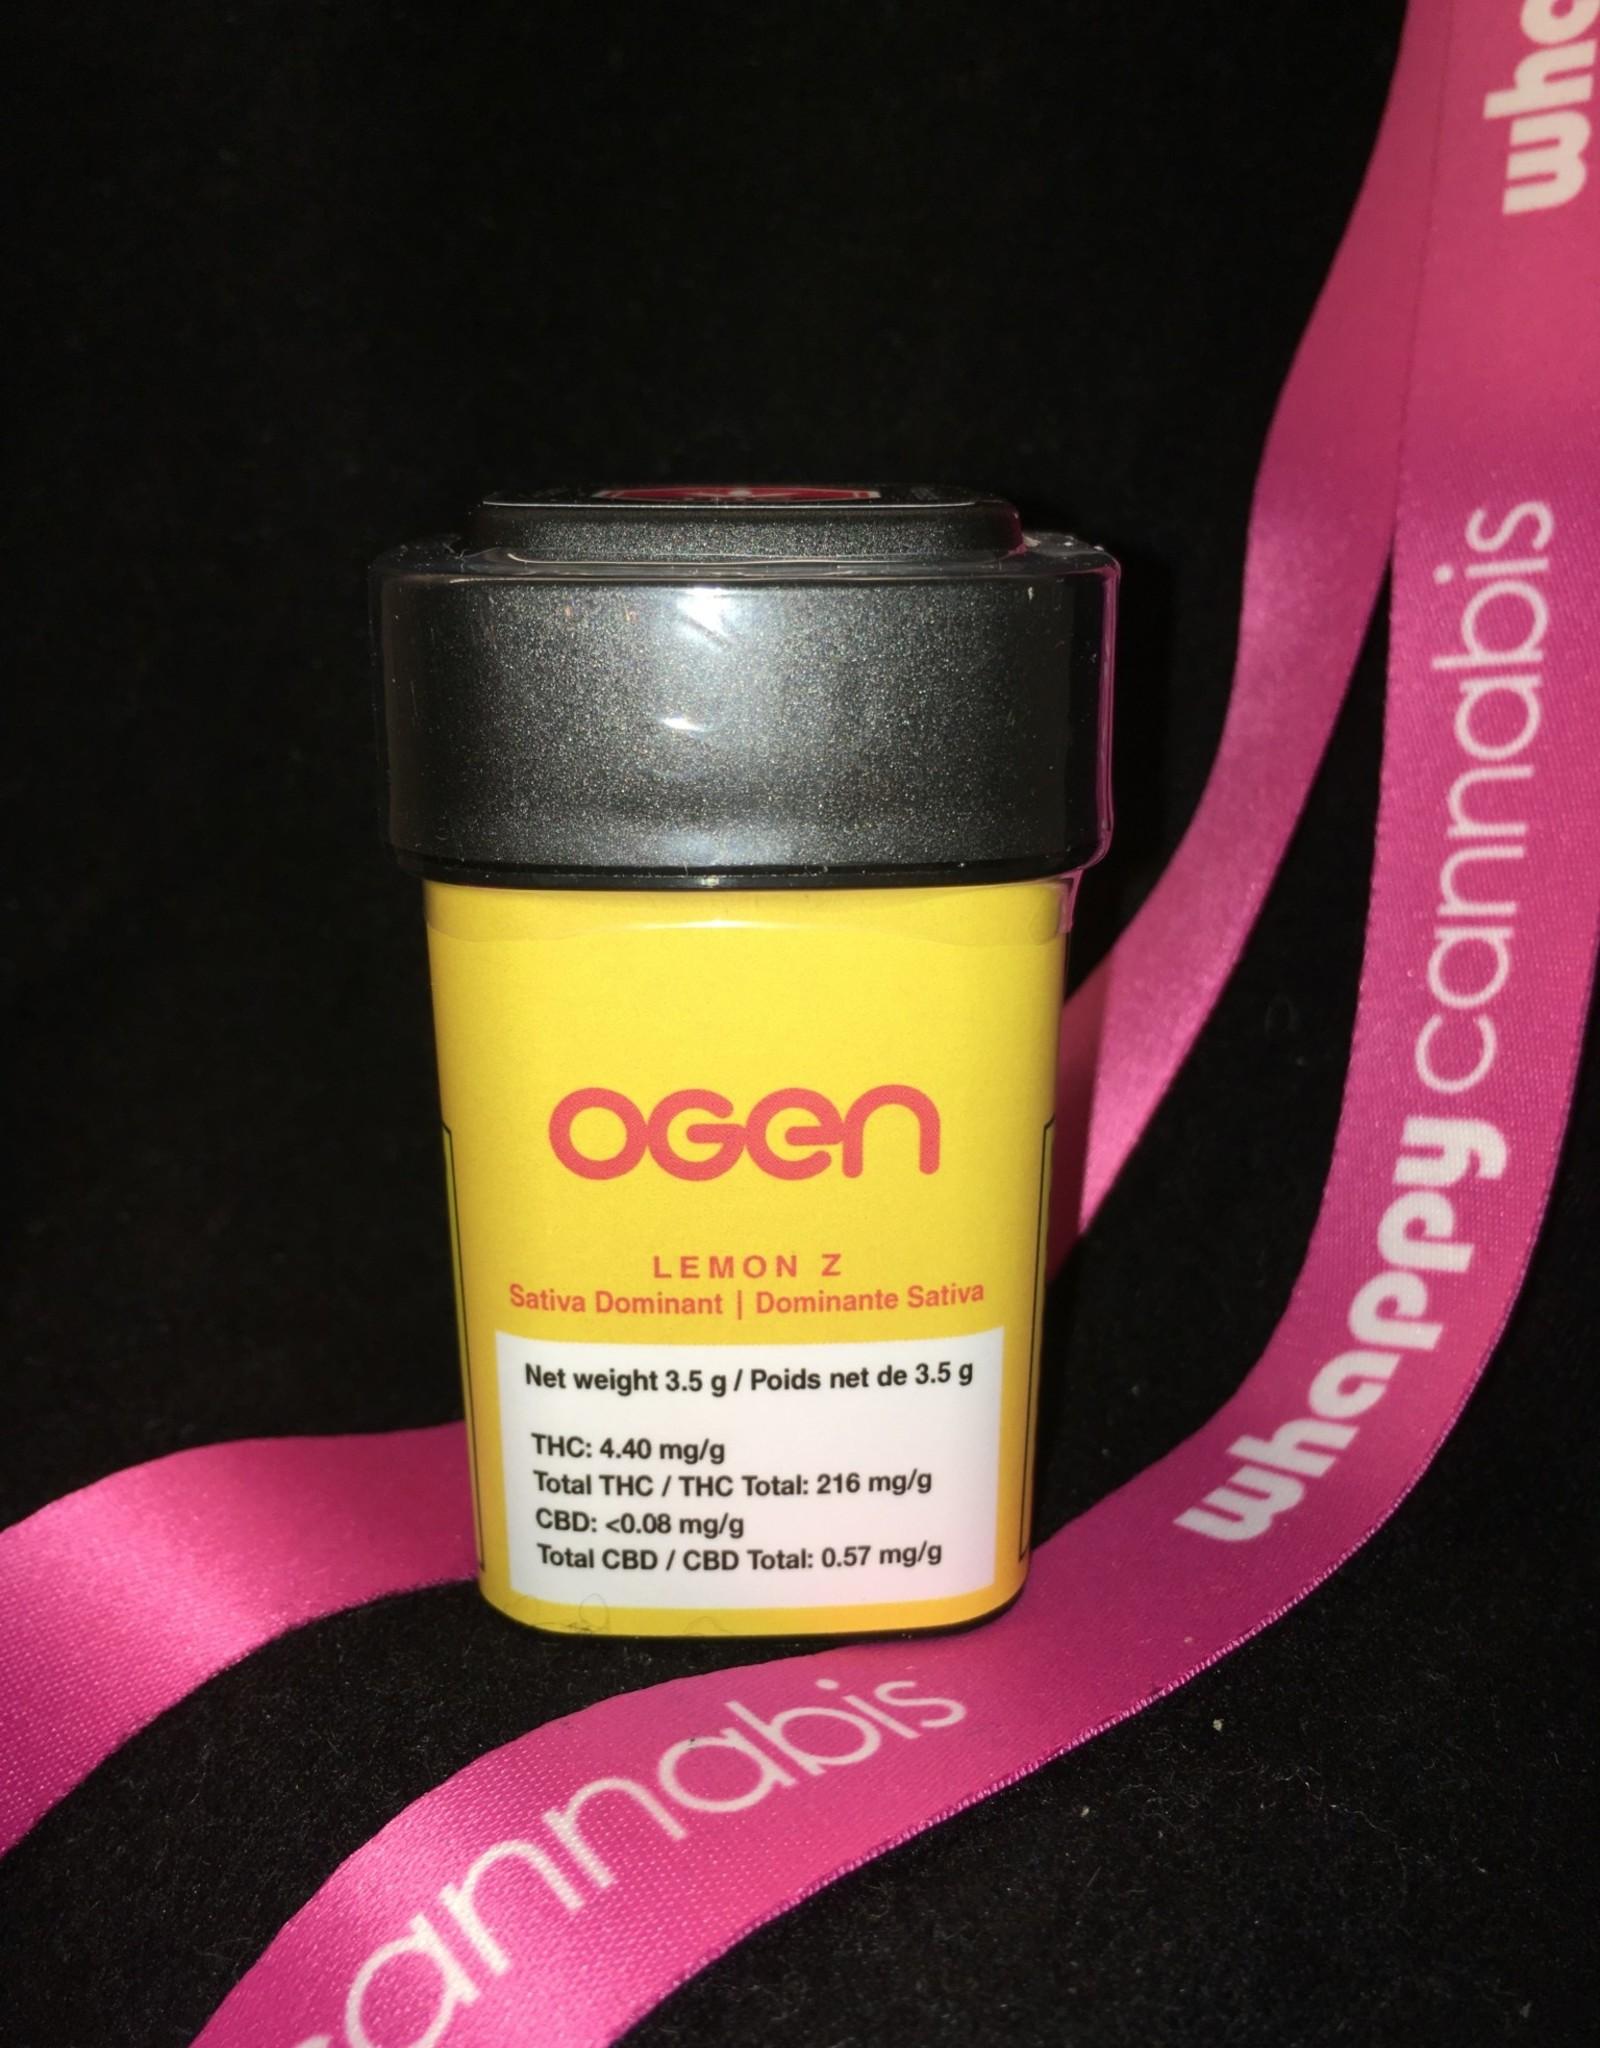 OGEN OGEN - Lemon Z Sativa 3.5g